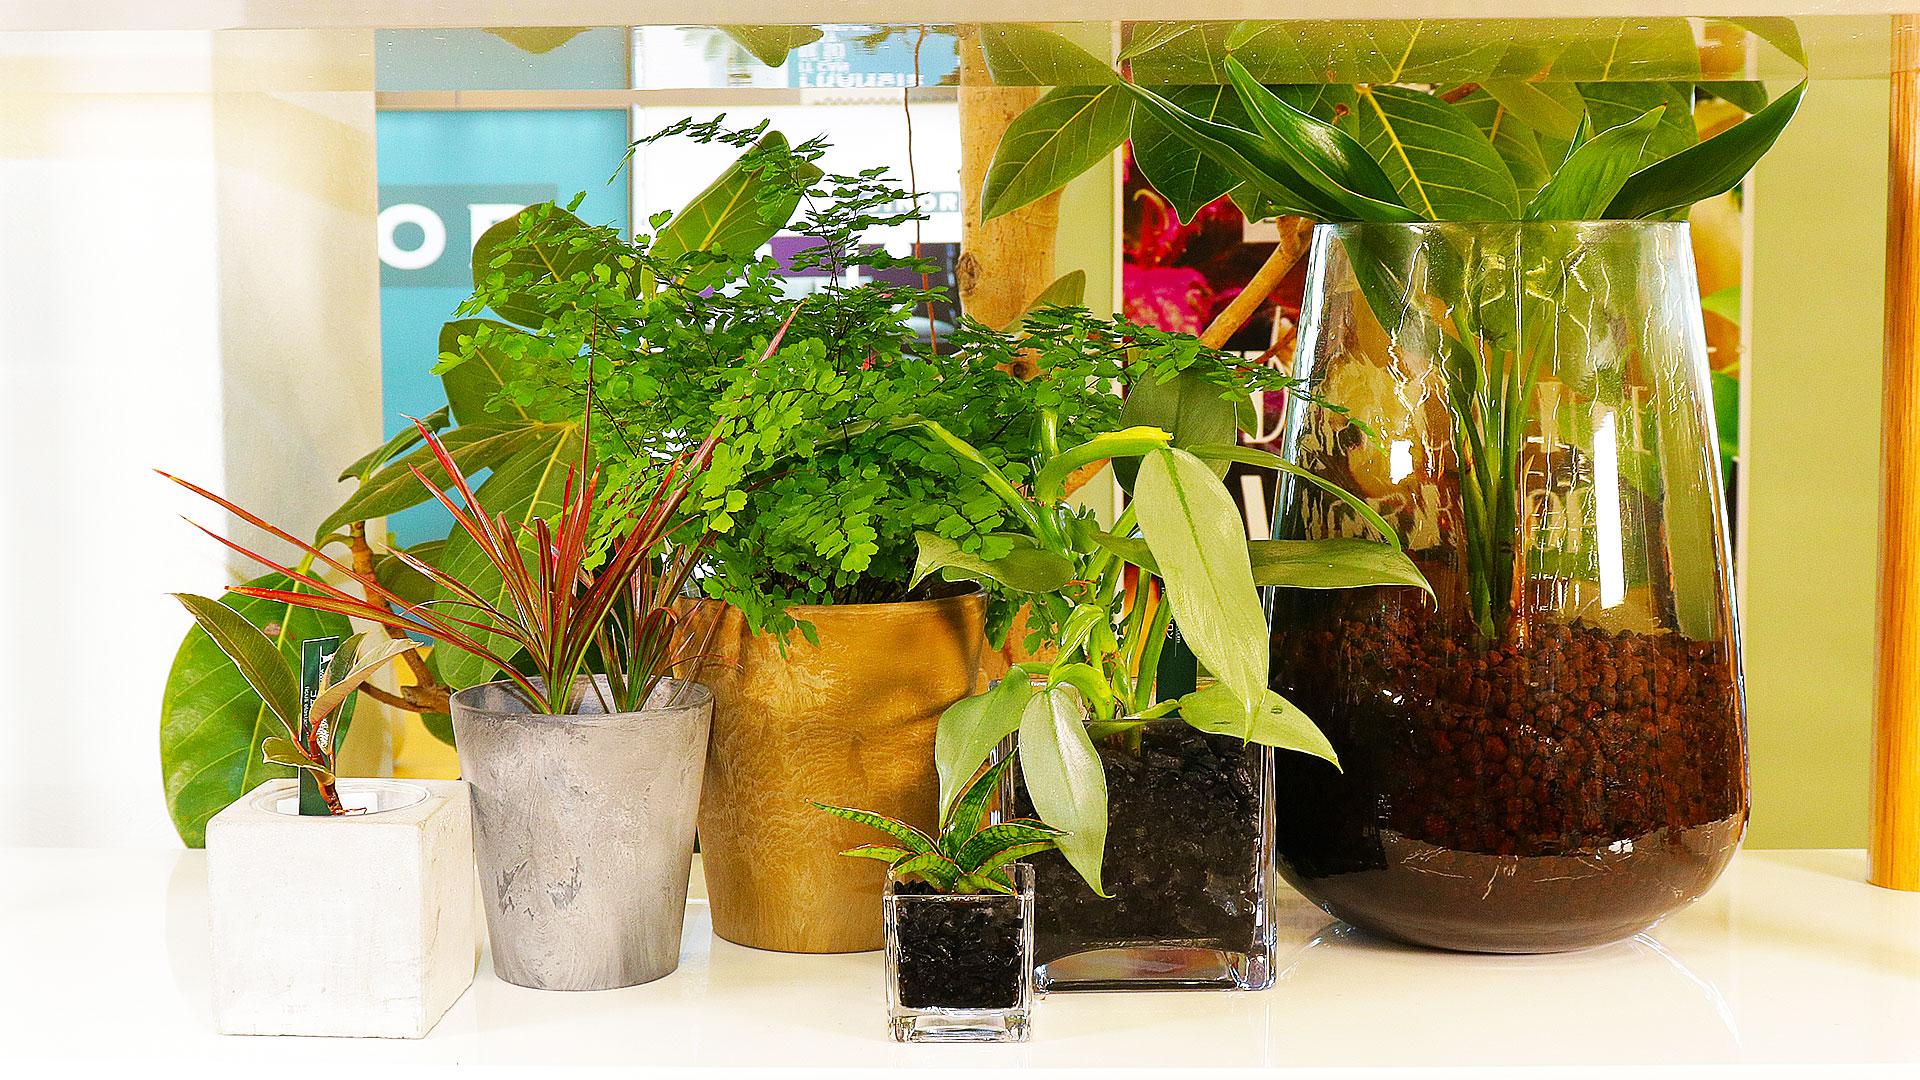 ハイドロカルチャーの観葉植物は、いろいろな器が使える。ガラスやコンクリートや花瓶などもプランターポットとして使える